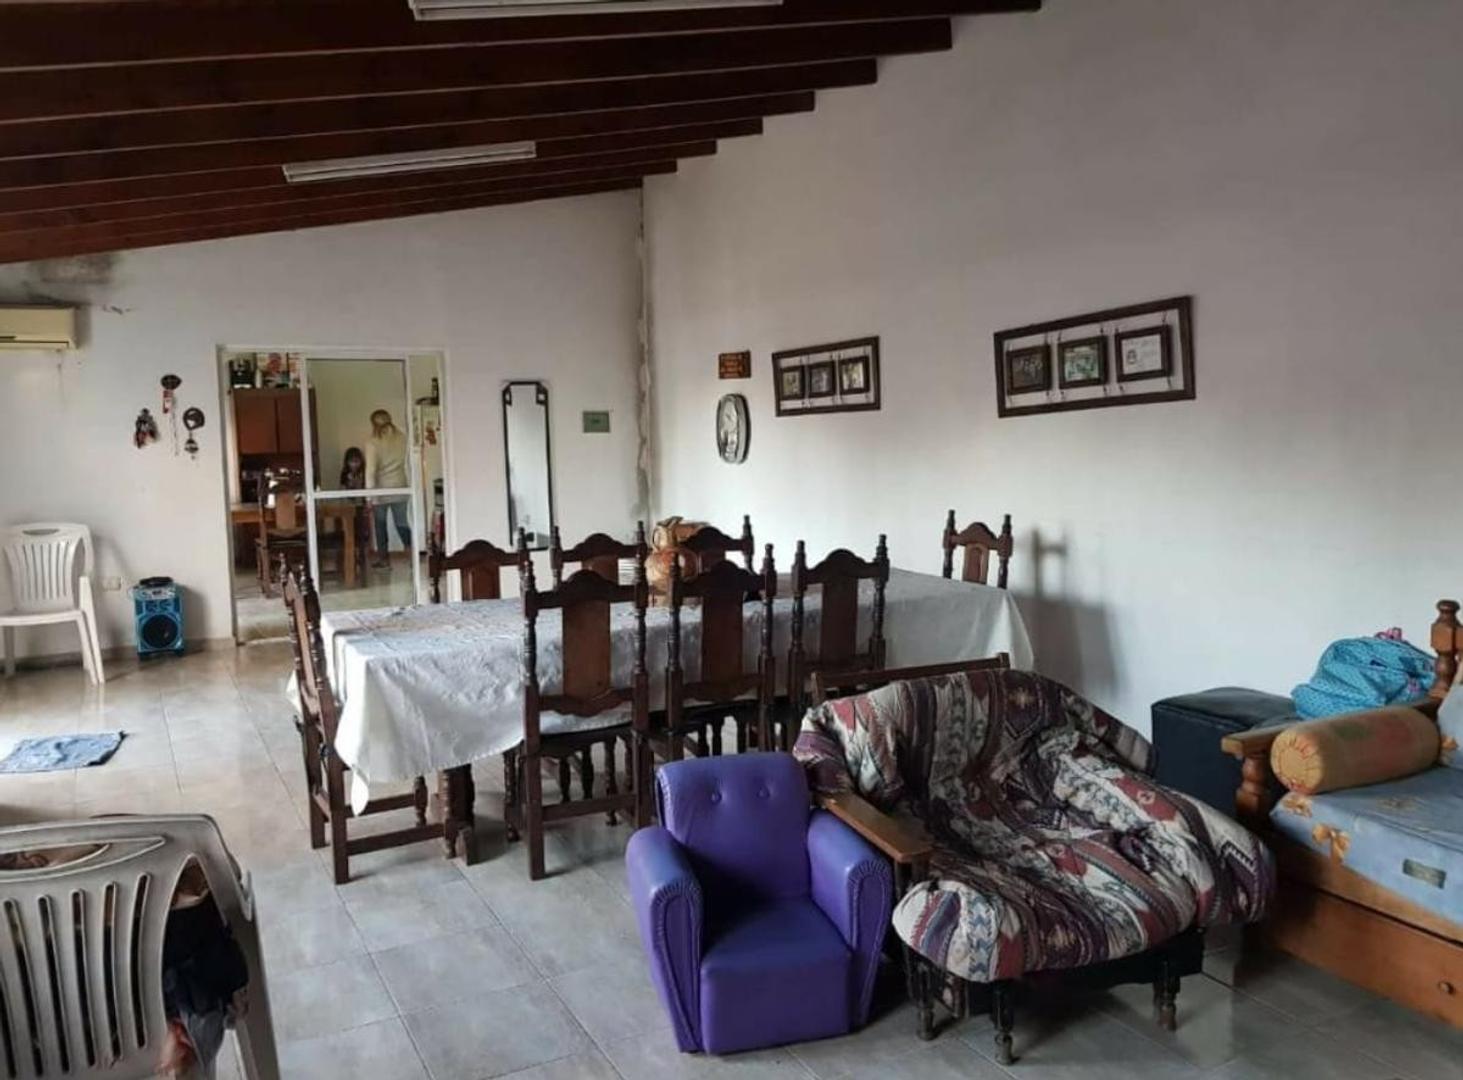 Casa 3 dormitorios-Lote 415 mts 2 y 230 mts 2 cubiertos- APTA BANCO - Villa Elvira - Foto 14